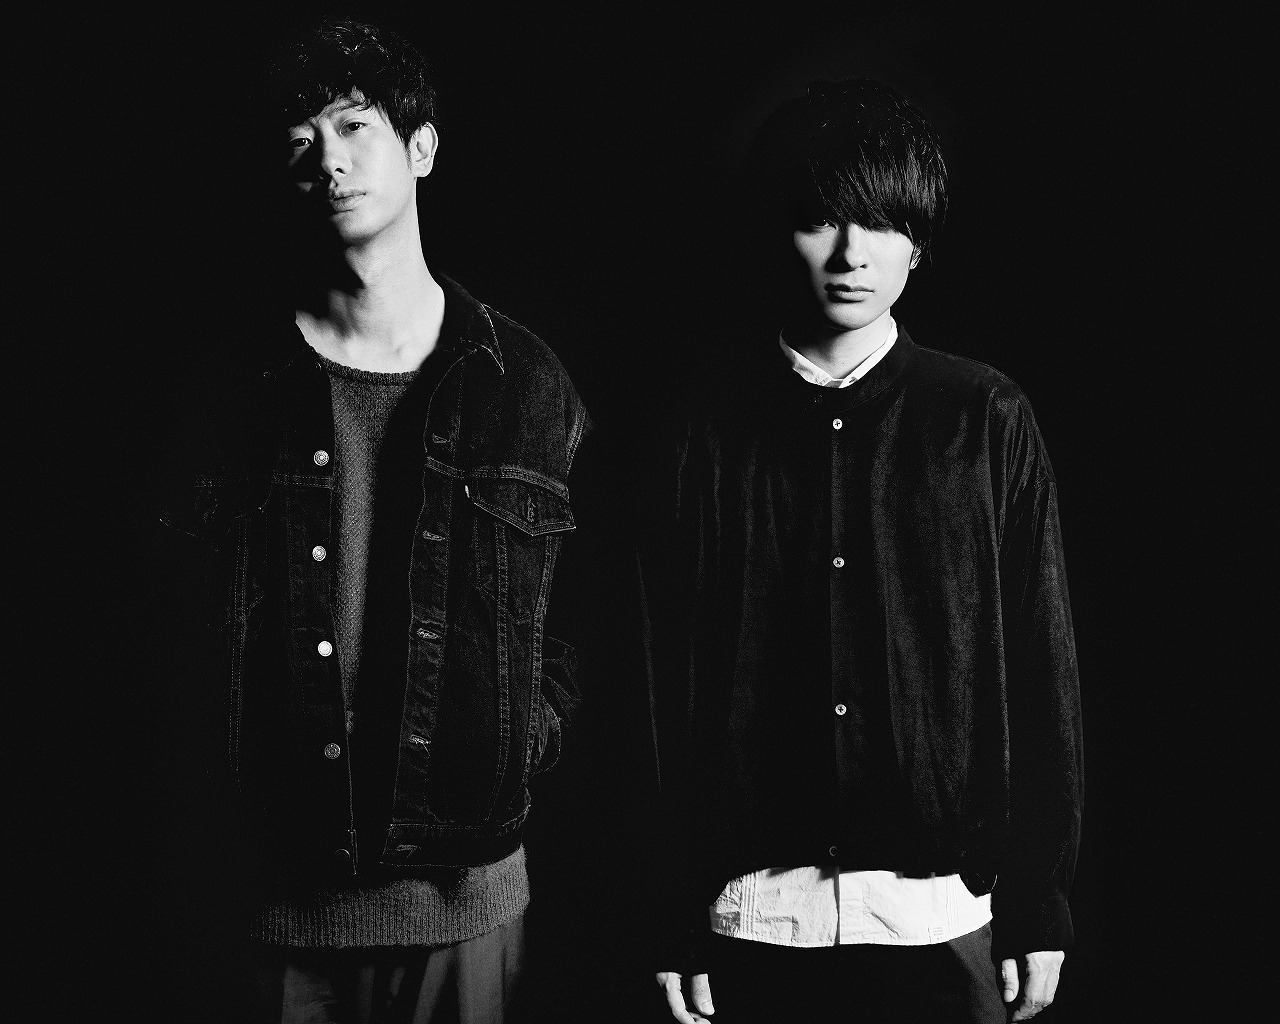 ユニゾン 斎藤宏介 ベーシストの須藤優と新バンド Xiix 結成 来年